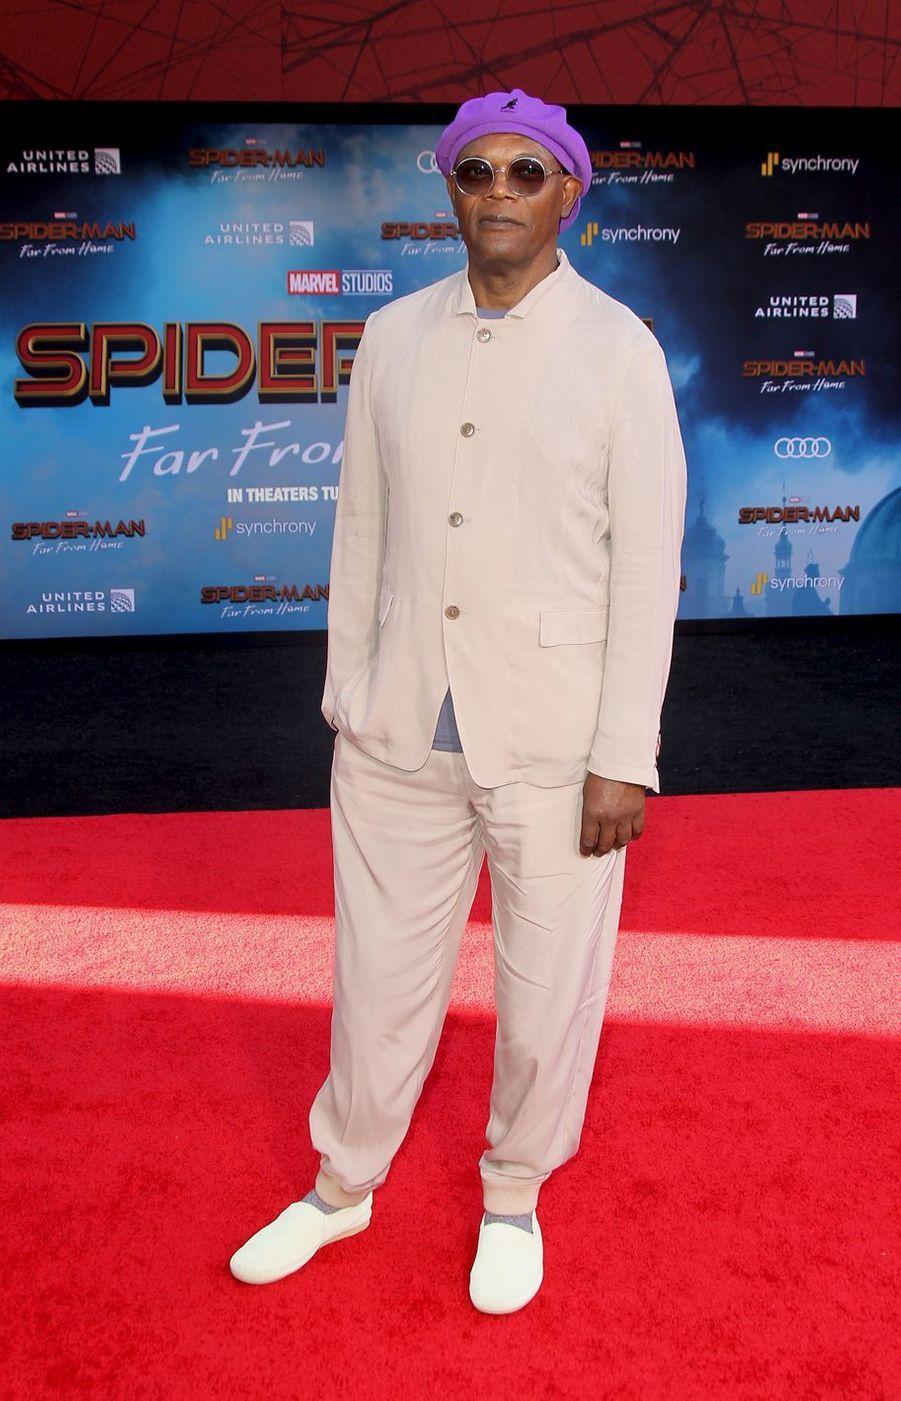 Dans les années 1970-1980, Samuel L. Jackson était accro au crack. Une addiction qu'il a surmontée.